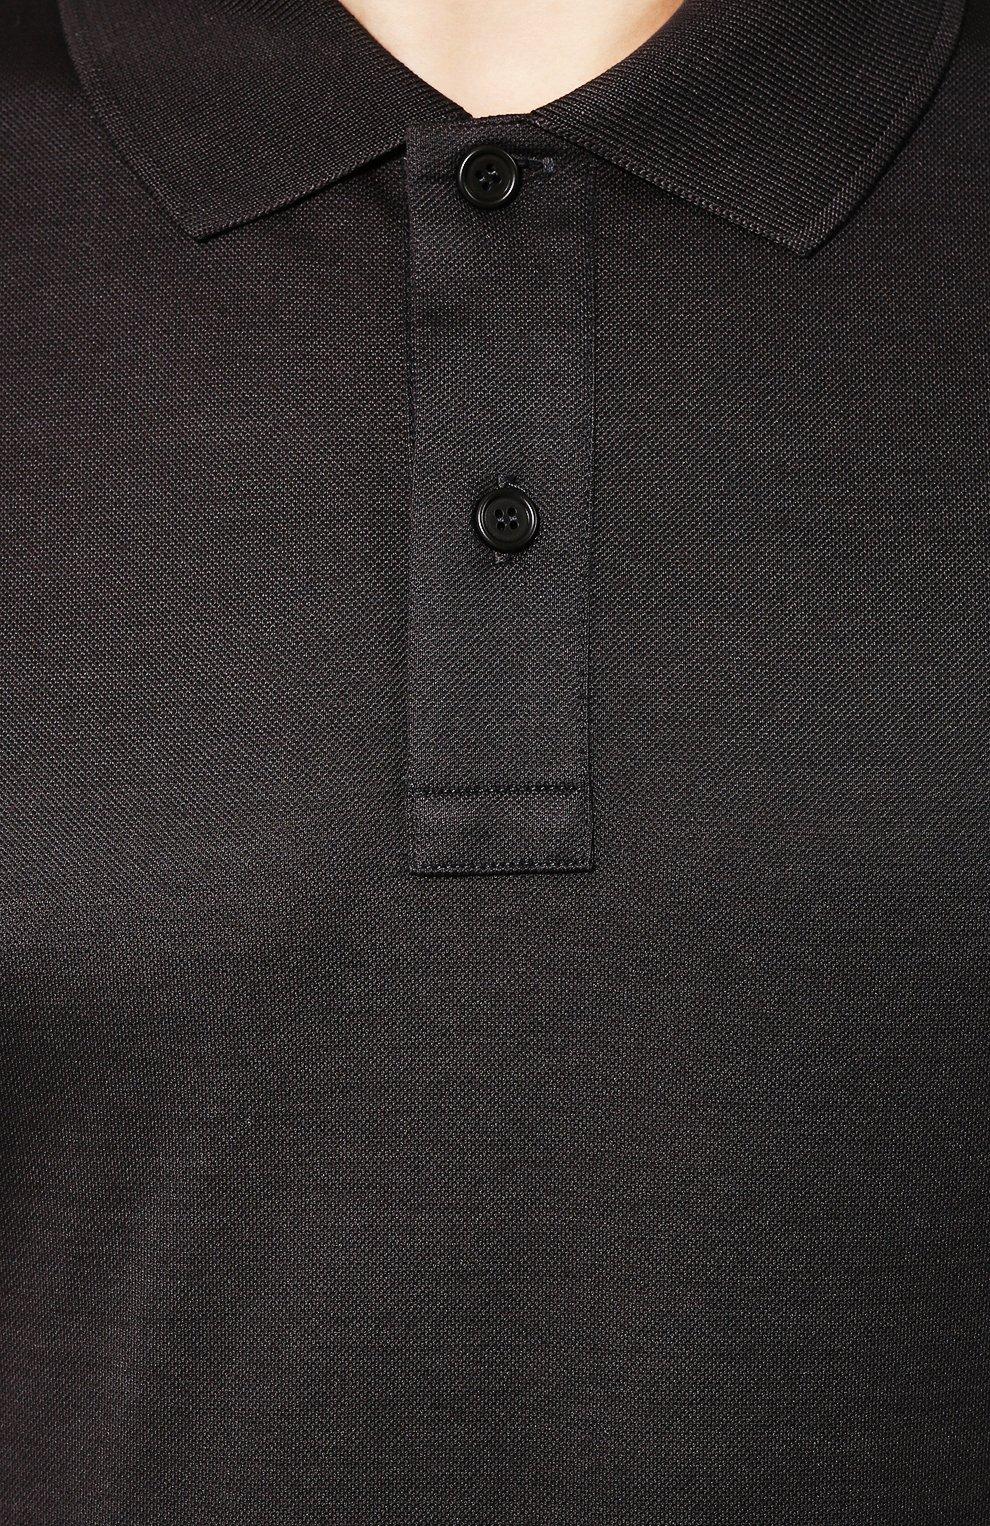 Мужское хлопковое поло BOTTEGA VENETA темно-серого цвета, арт. 599677/VK090   Фото 5